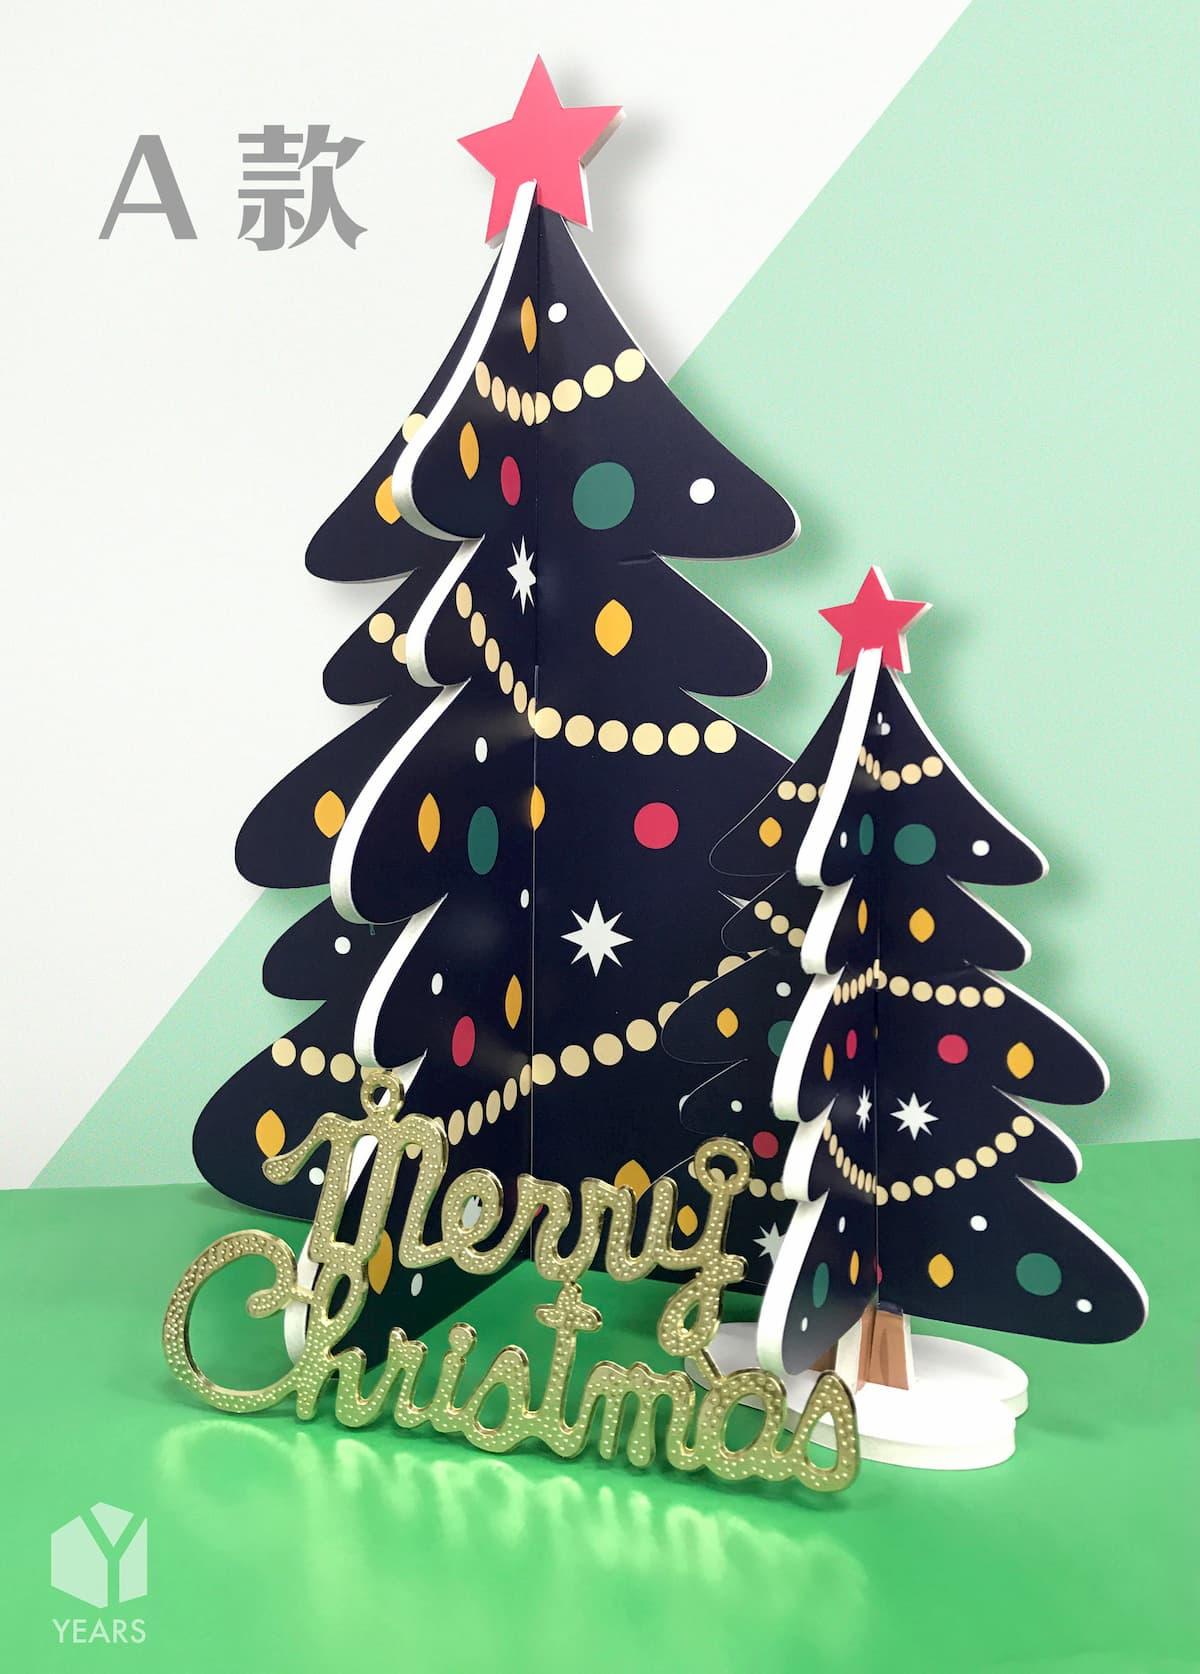 聖誕節-聖誕樹